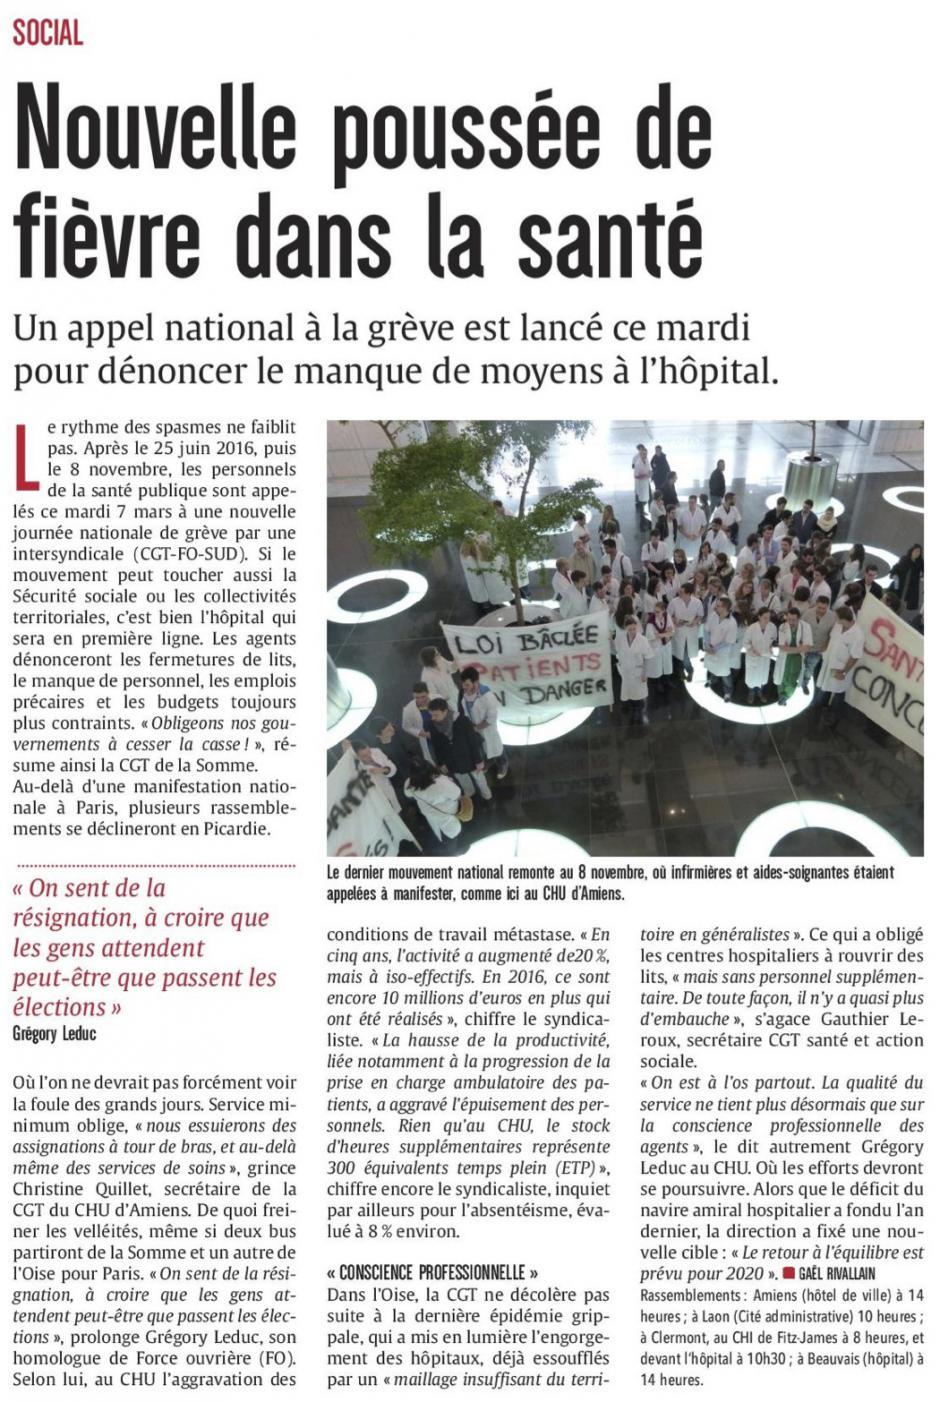 20170307-CP-Picardie-Nouvelle poussée de fièvre dans la santé